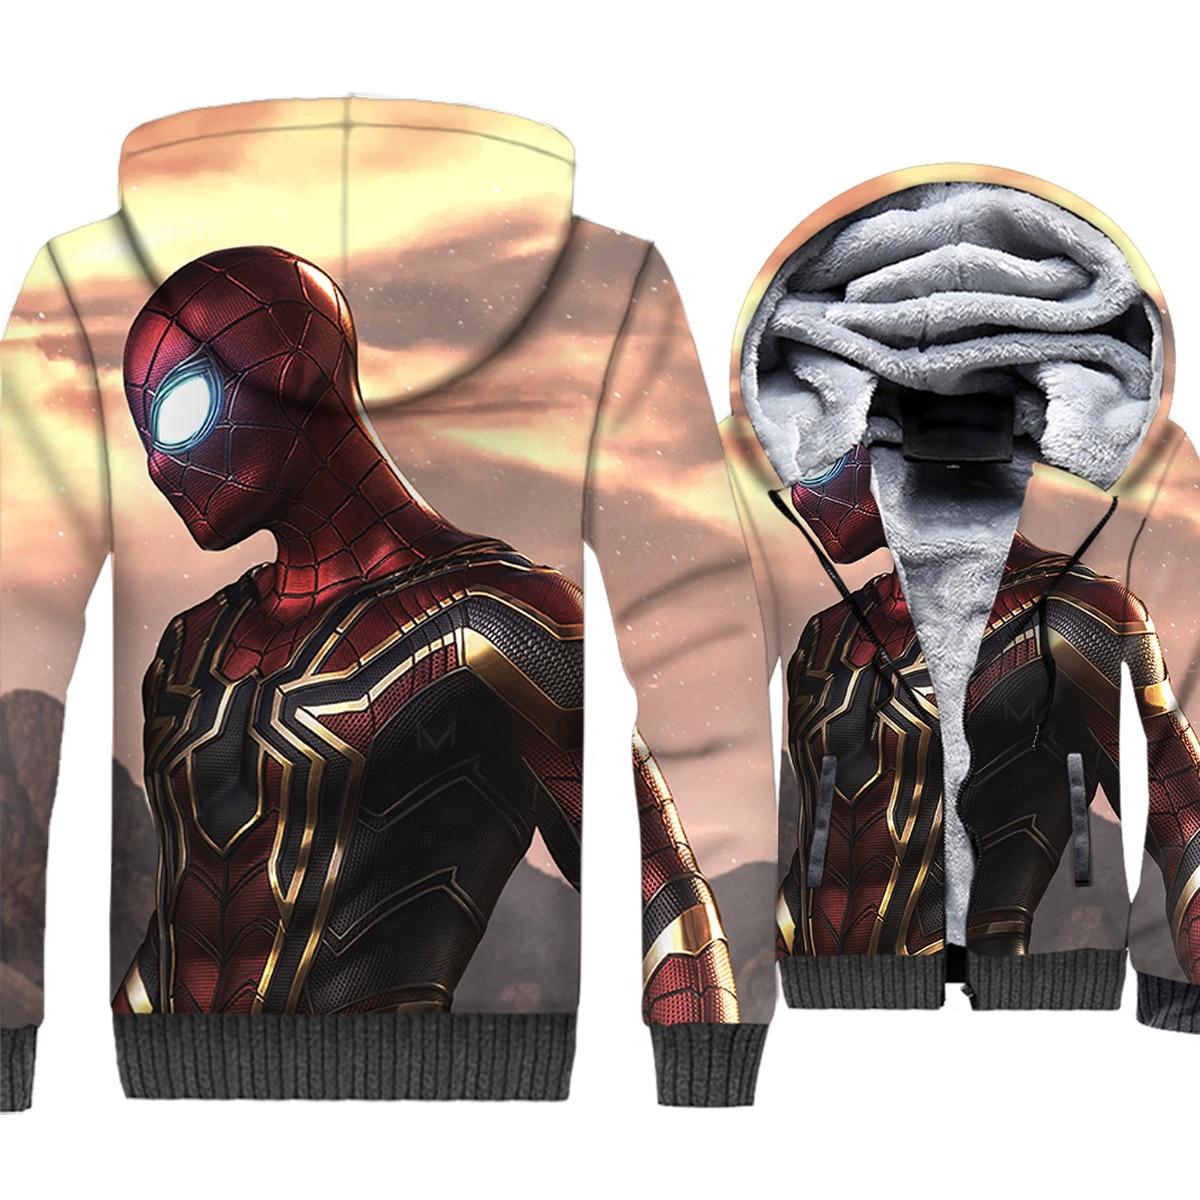 Spiderman Hoodies Men 3D Super Hero Jackets Cool Sweatshirt New Winter Thick Fleece Warm Zipper Coat Harajuku Hipster Streetwear